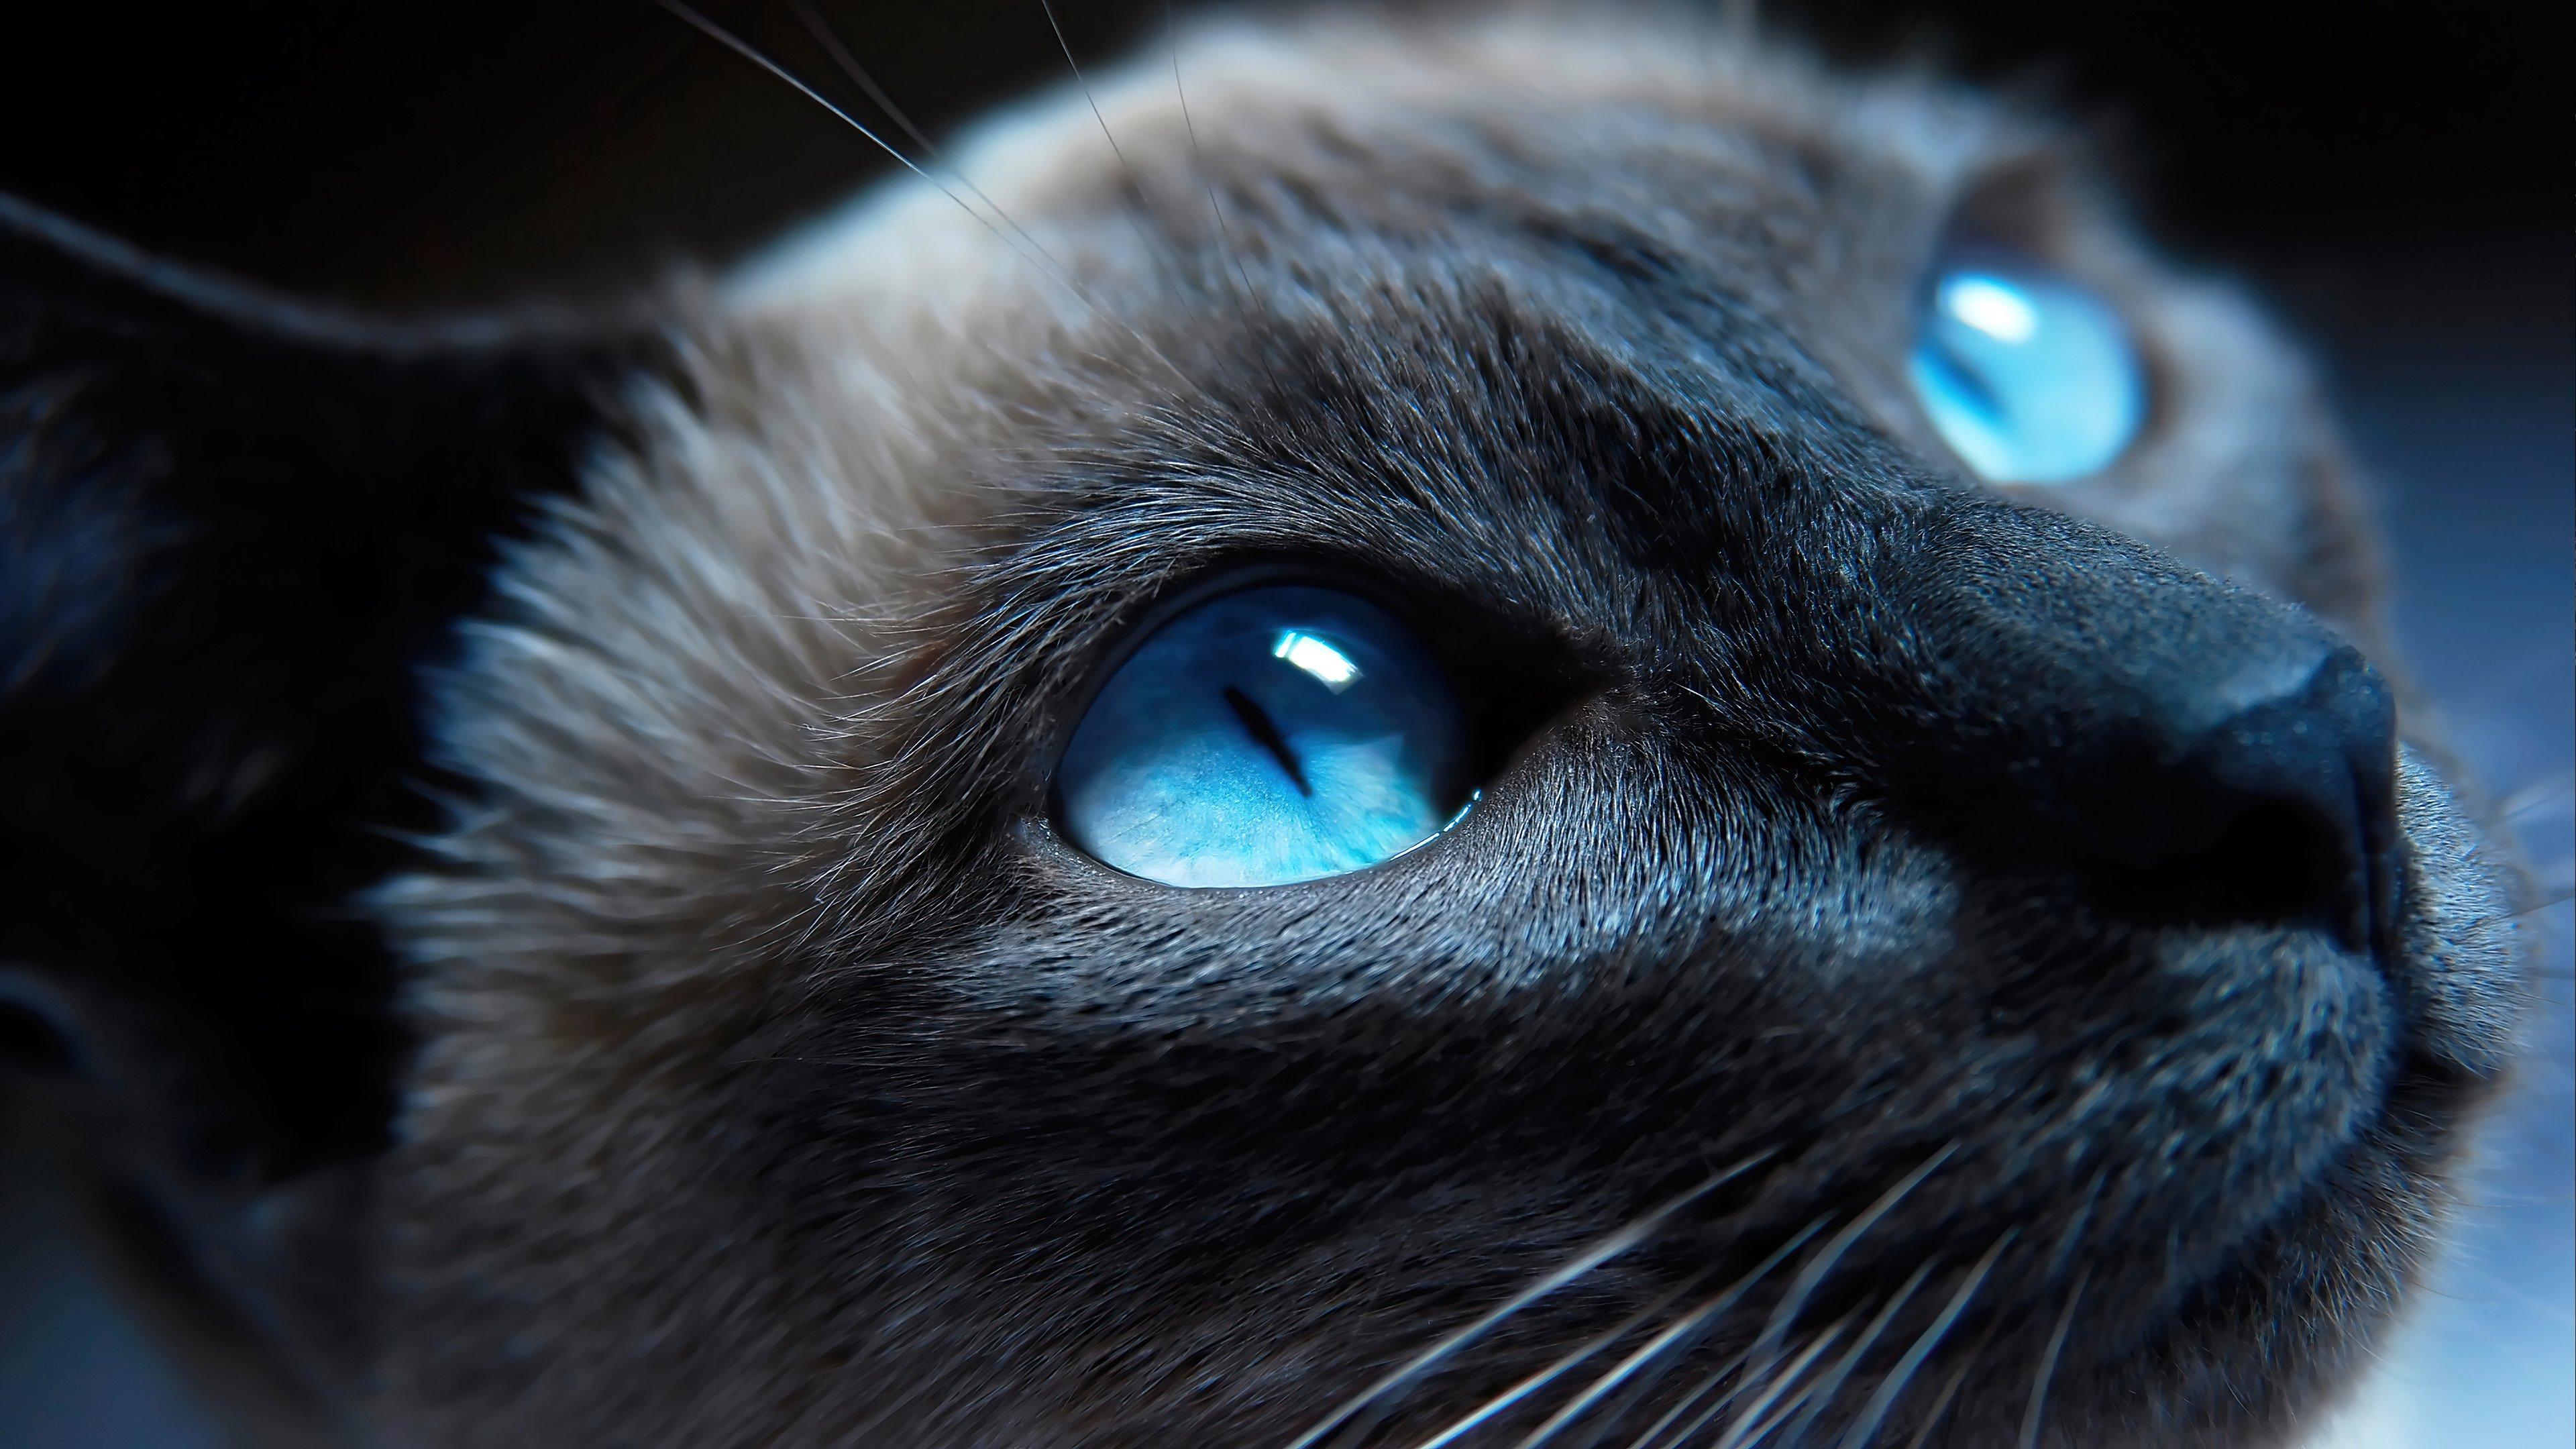 Fondos de pantalla Gato con ojos azules